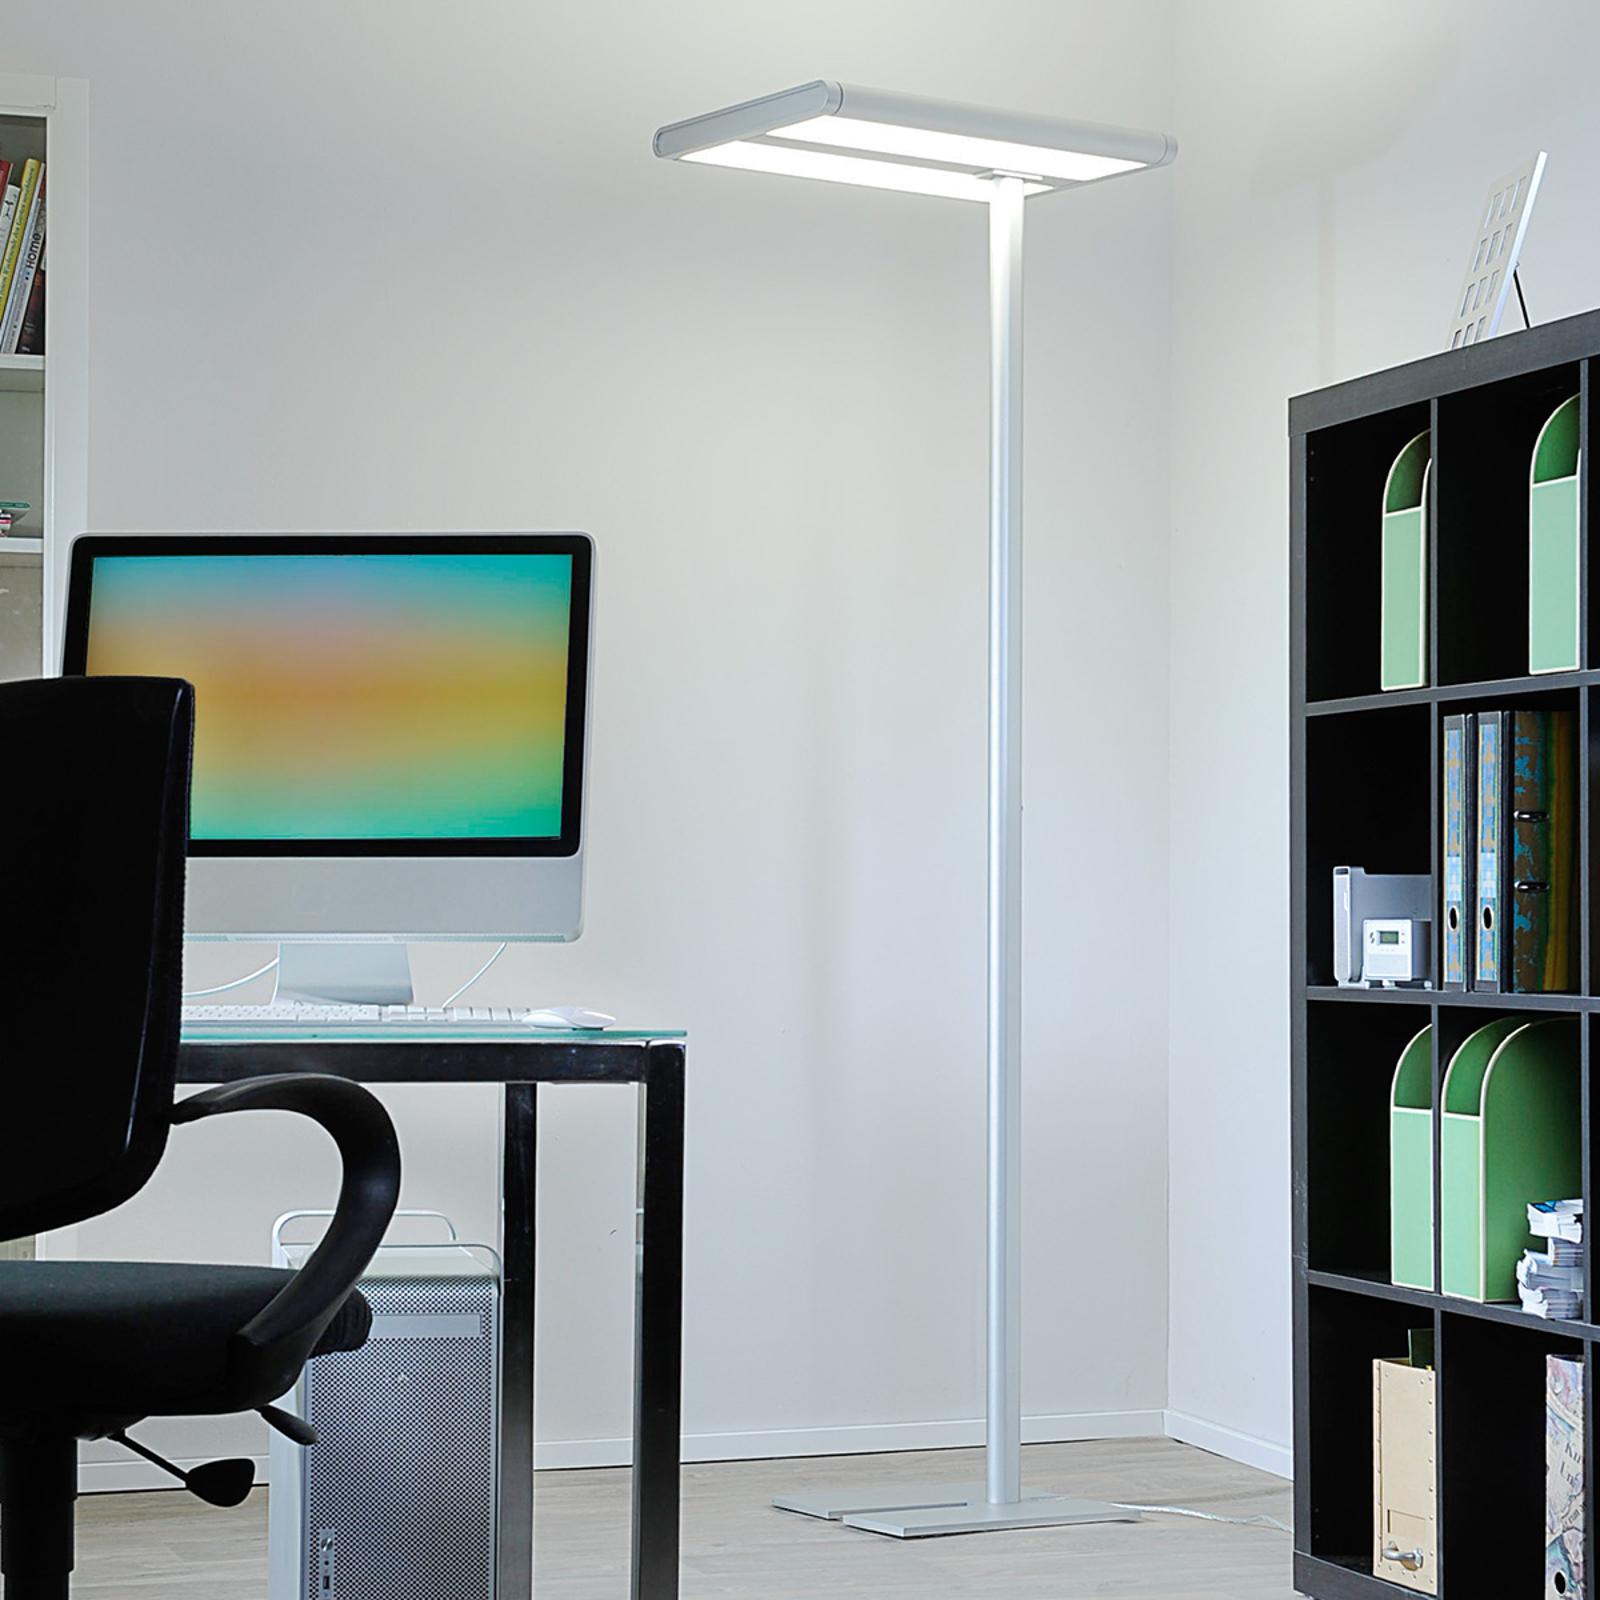 Kontor-gulvlampe Quirin af høj kvalitet med LED